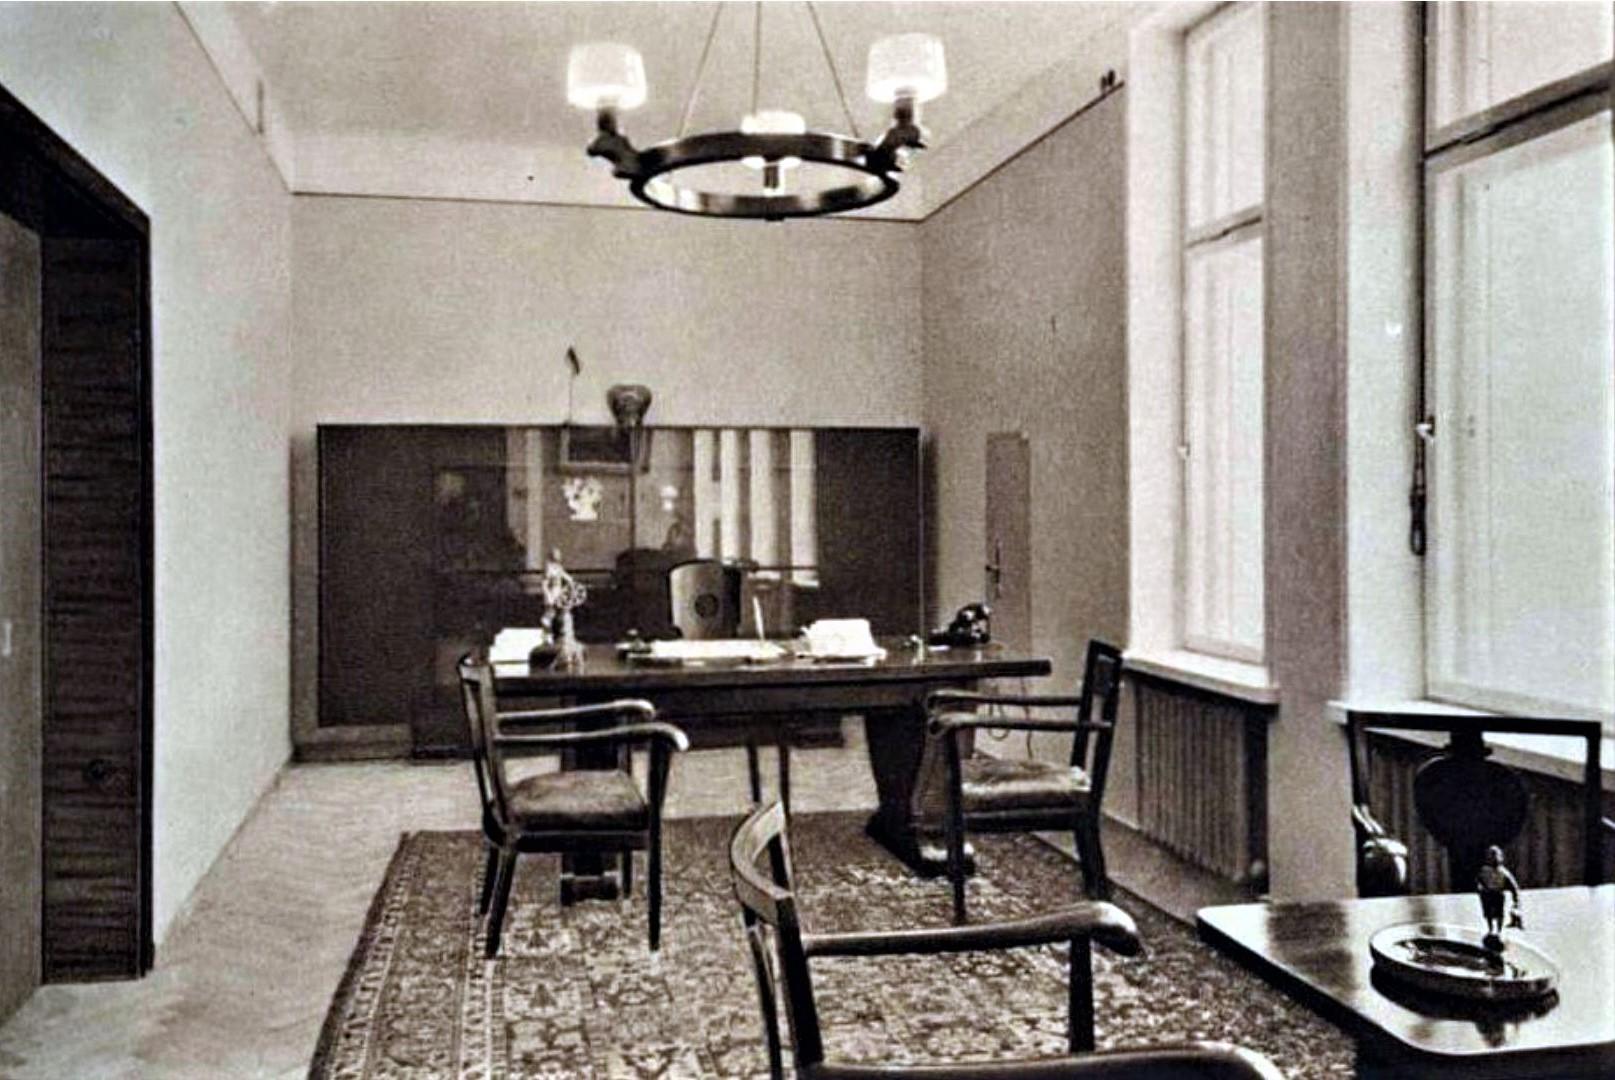 Rūmų pirmininko darbo kabinetas, 1938 m. Nuotraukos šaltinis: Prekybos, pramonės ir amatų rūmai: albumas, Kaunas, 1938 m.